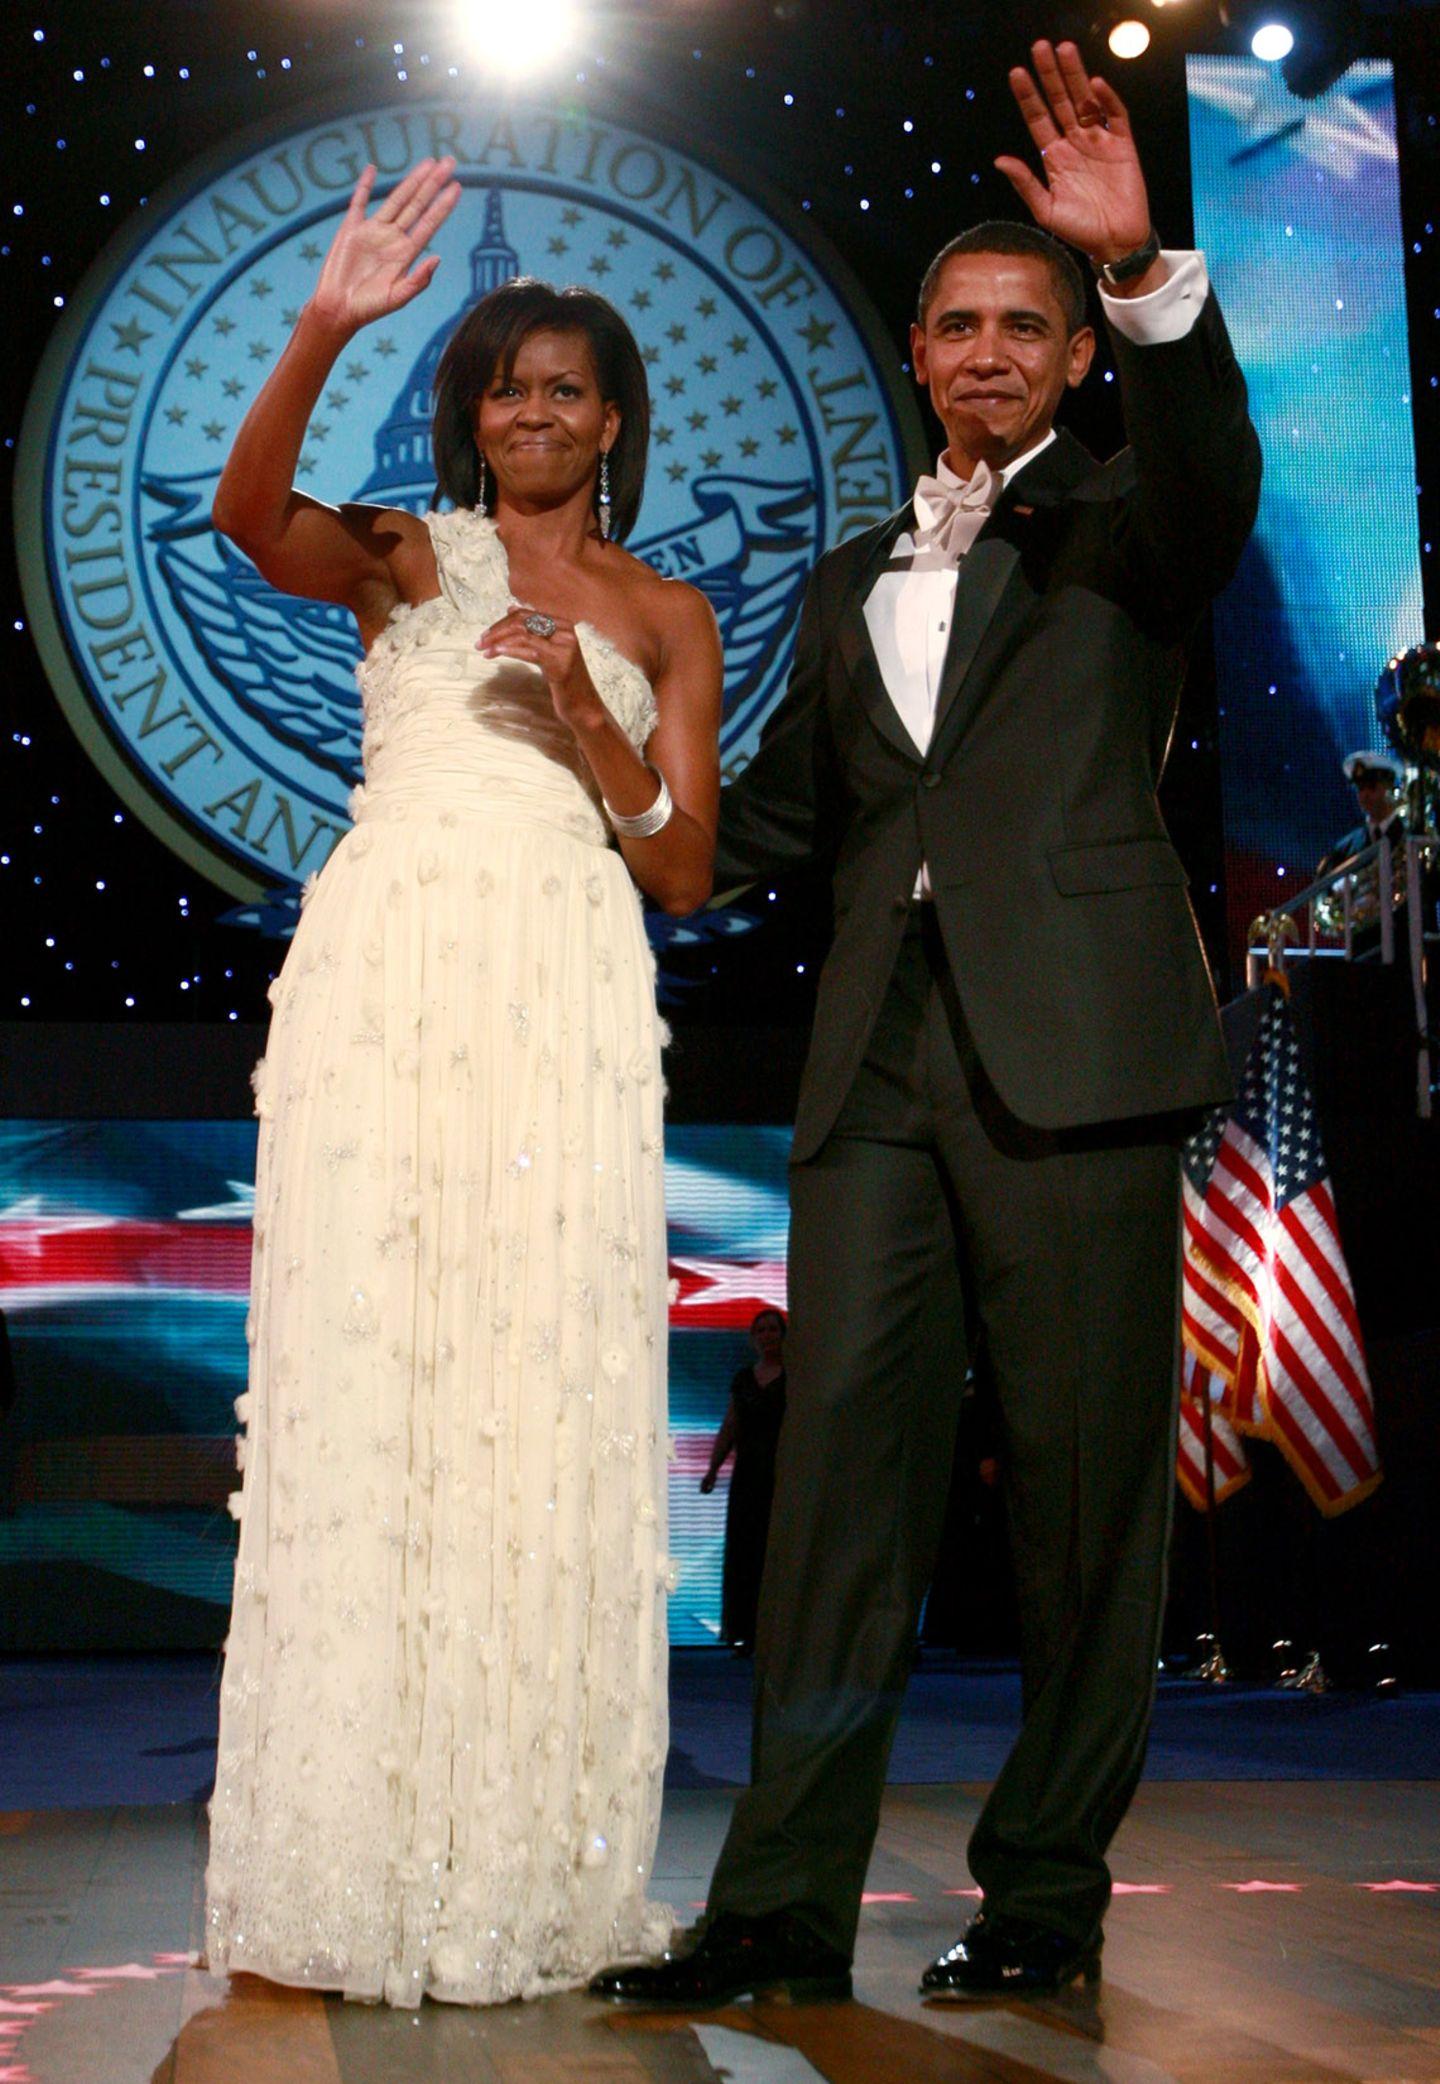 Abends beim Ball bezaubert die frischgebackene First Lady Michelle Obama im einem traumhaften weißen Ballkleid. Bei dem Designer ihres One-Shoulder-Kleides handelt es sich um Jason Wu, einbis dato noch eher unbekannten Designer. Natürlich konnte er sich nach diesem Auftritt kaum vor Aufträgen retten.